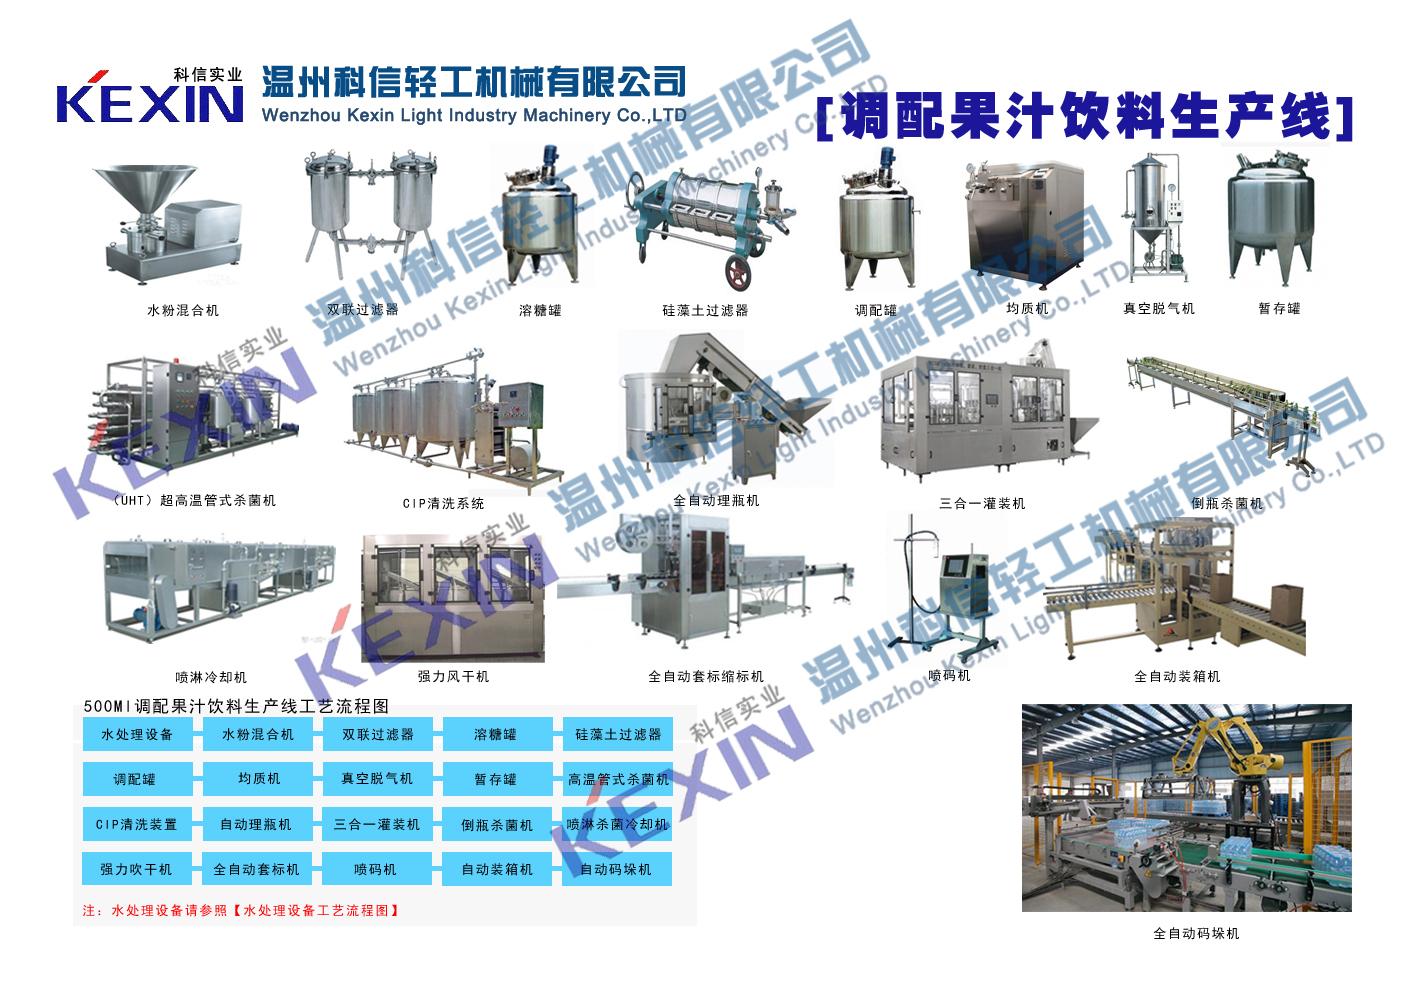 科信饮料机械打造中国饮料机械第一品牌